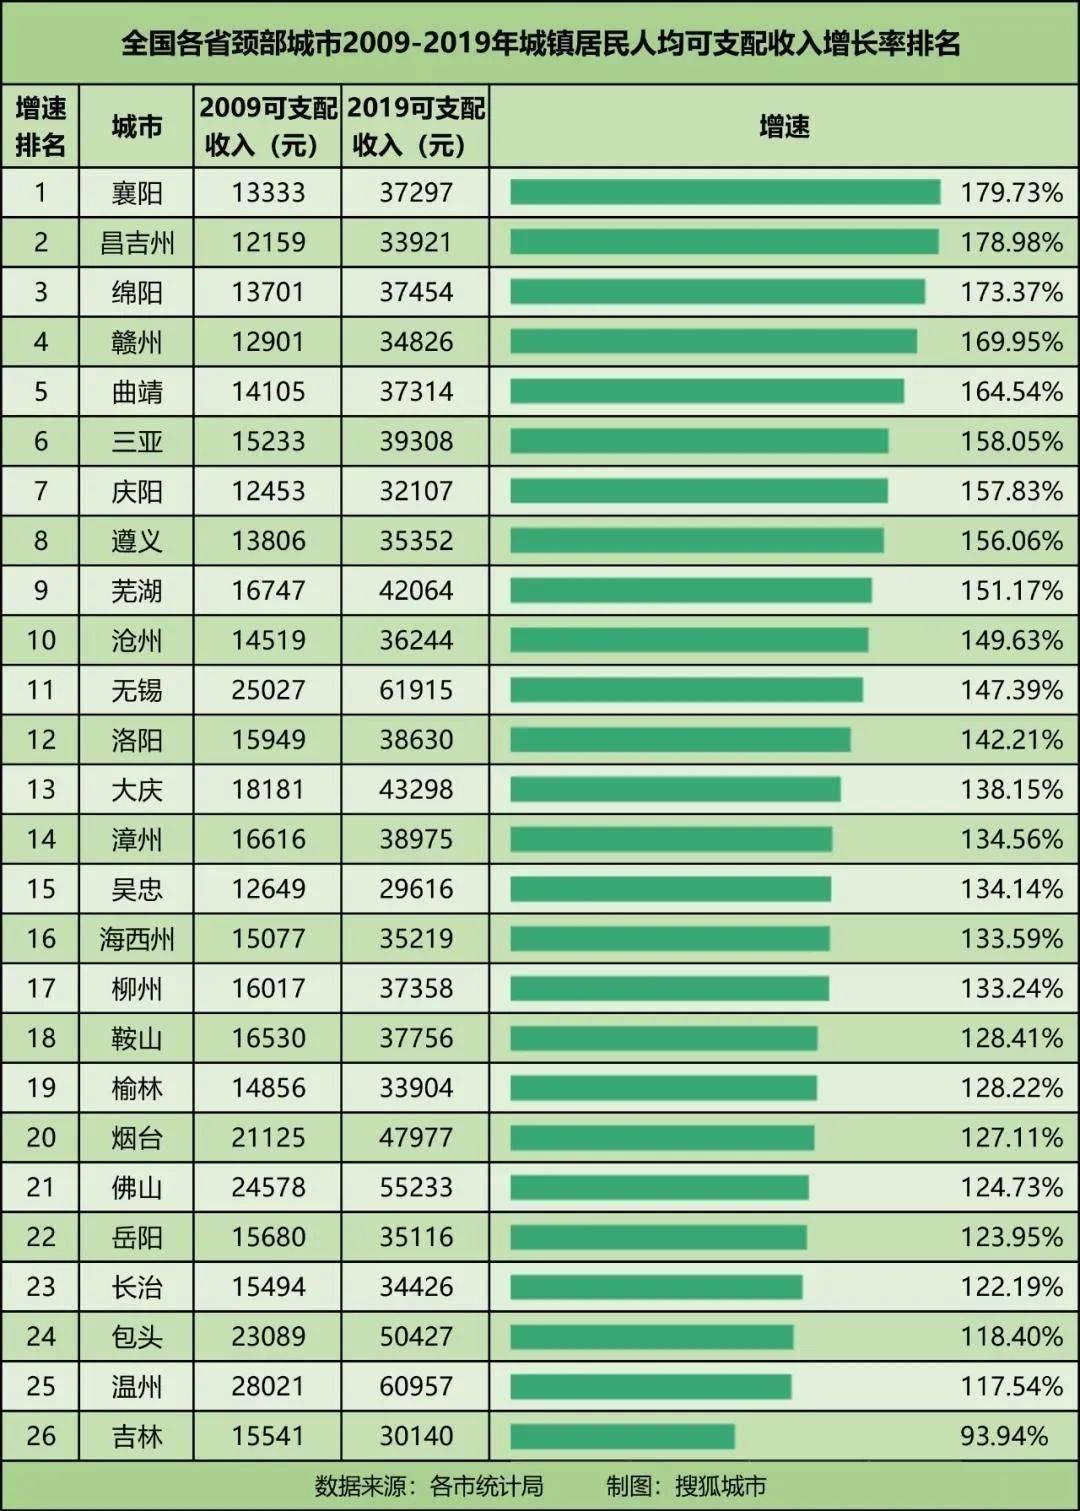 2021遵义市gdp排行_贵州2021年一季度GDP排行出炉 遵义楼盘网百人看房团完美收官